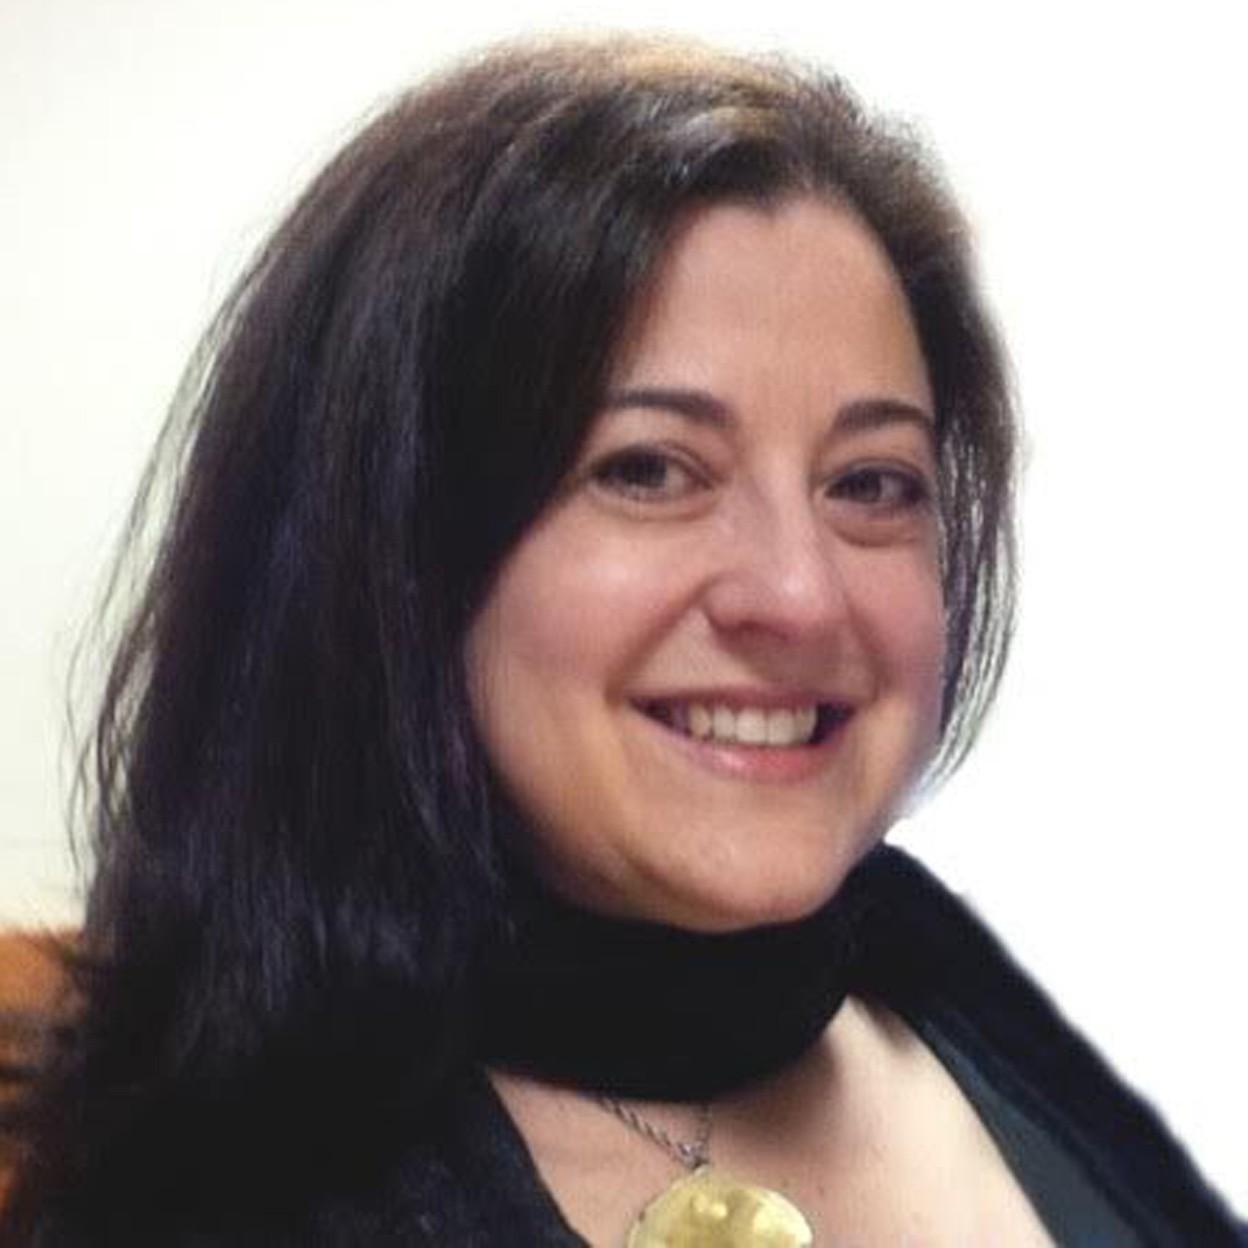 Amy Kaufman